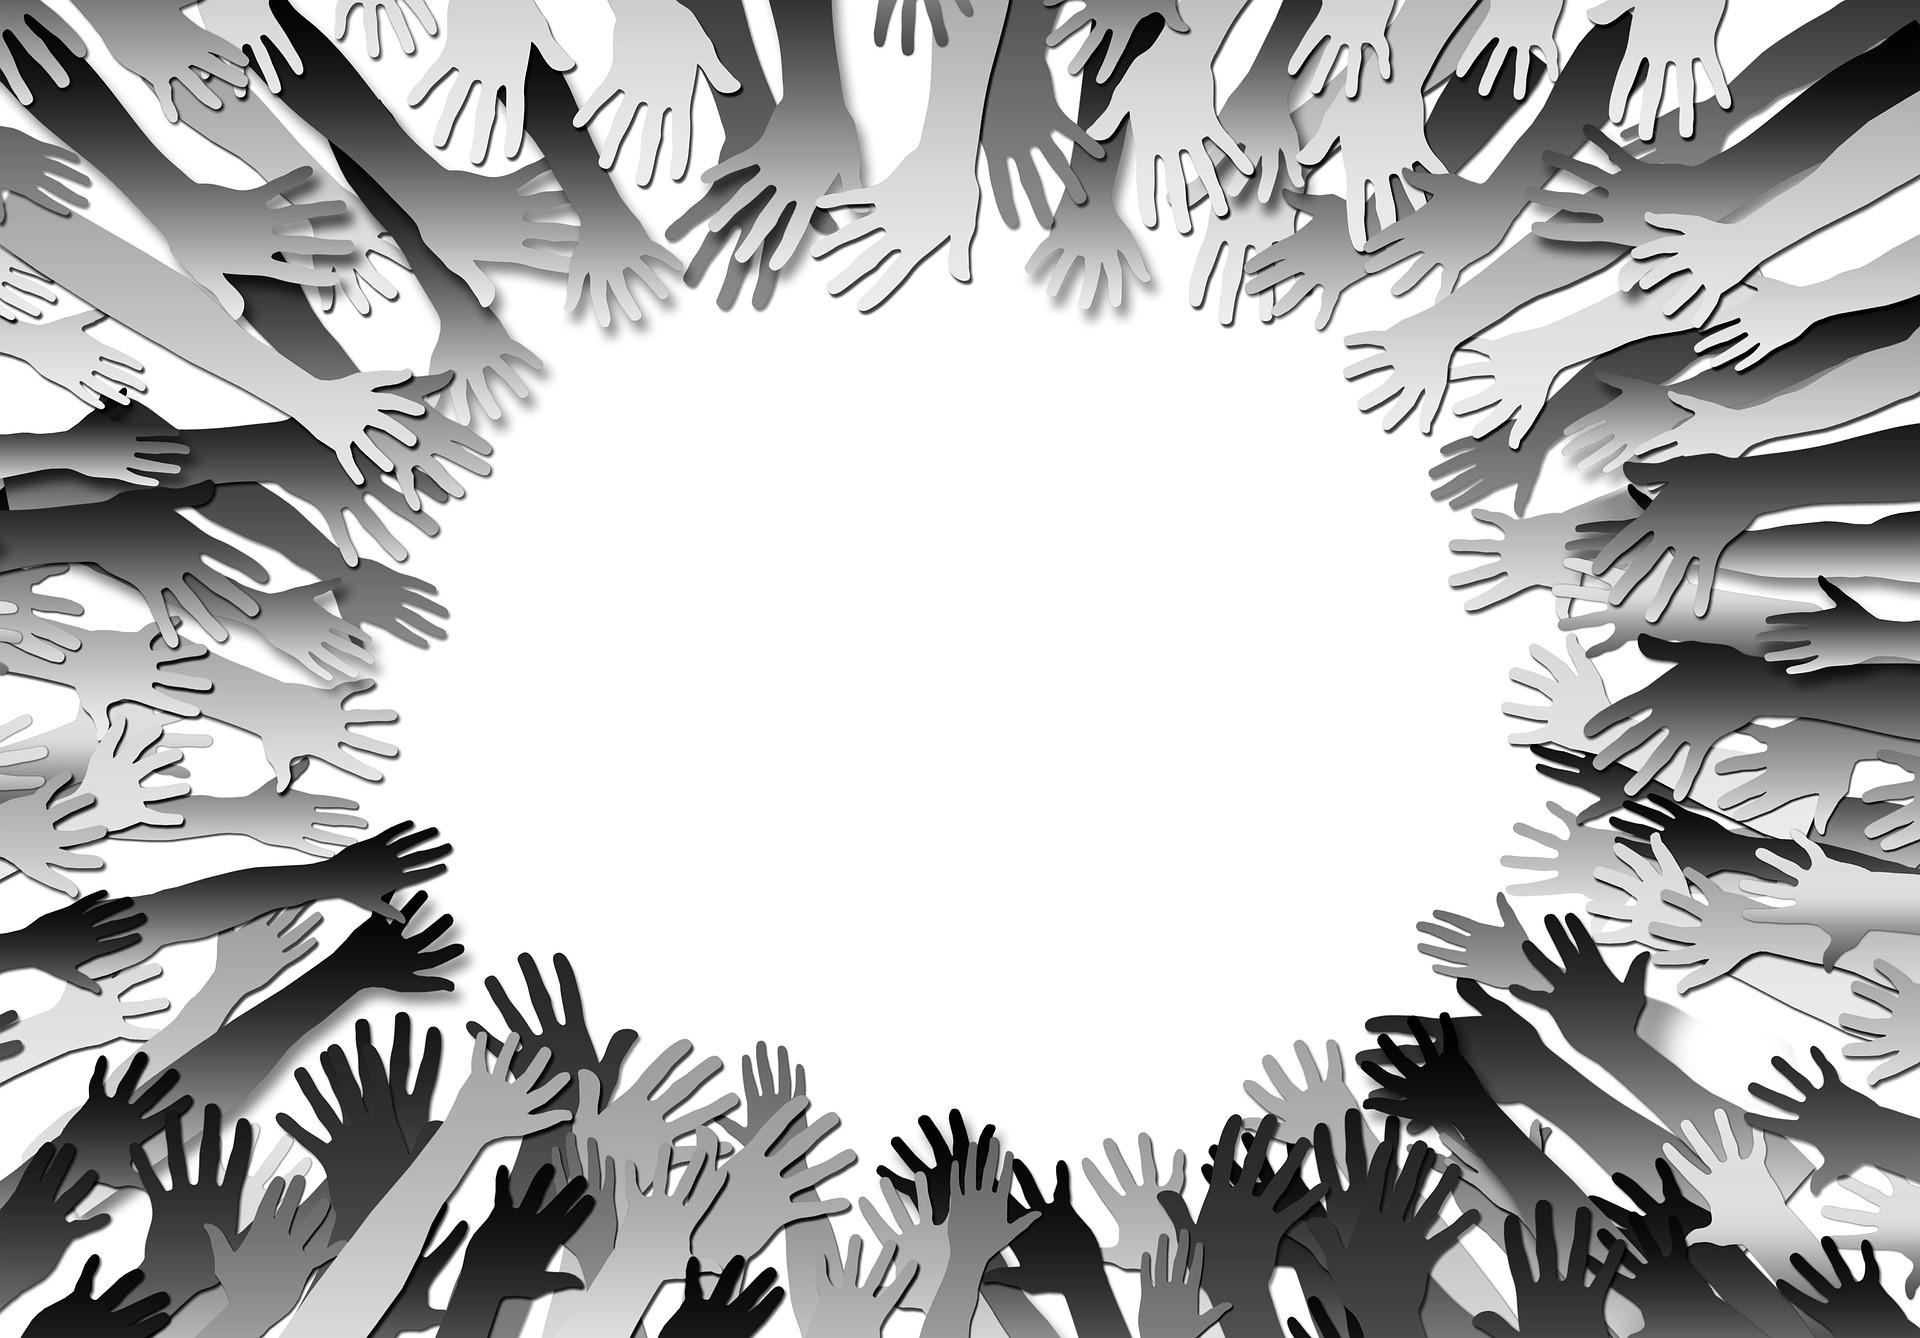 CMAS: inscrições abertas para vagas remanescentes da sociedade civil